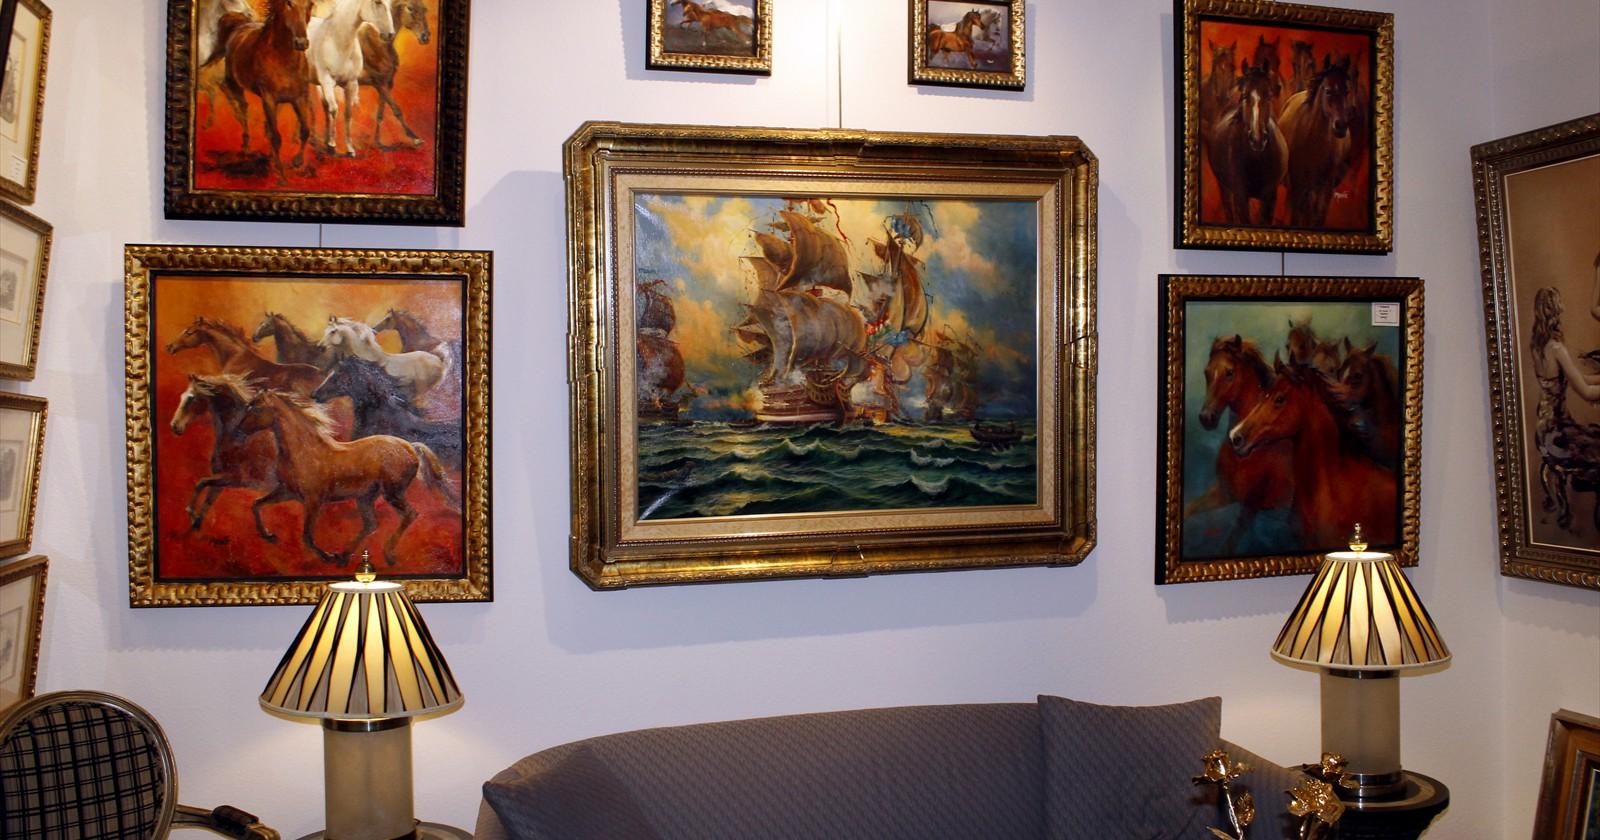 Centaur Gallery